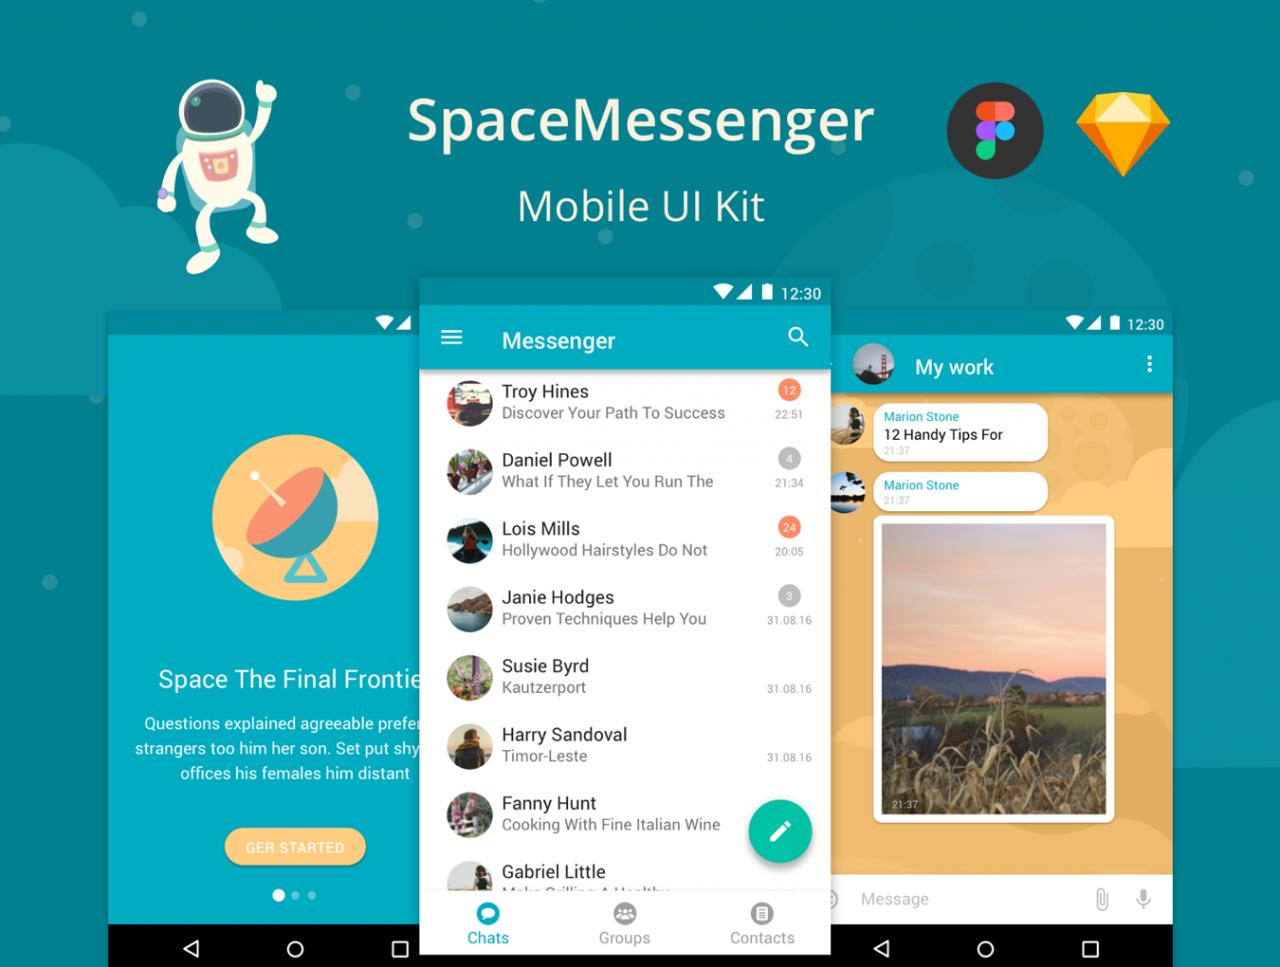 SpaceMessenger移动UI 主题包.sketch素材下载 主题包-第1张